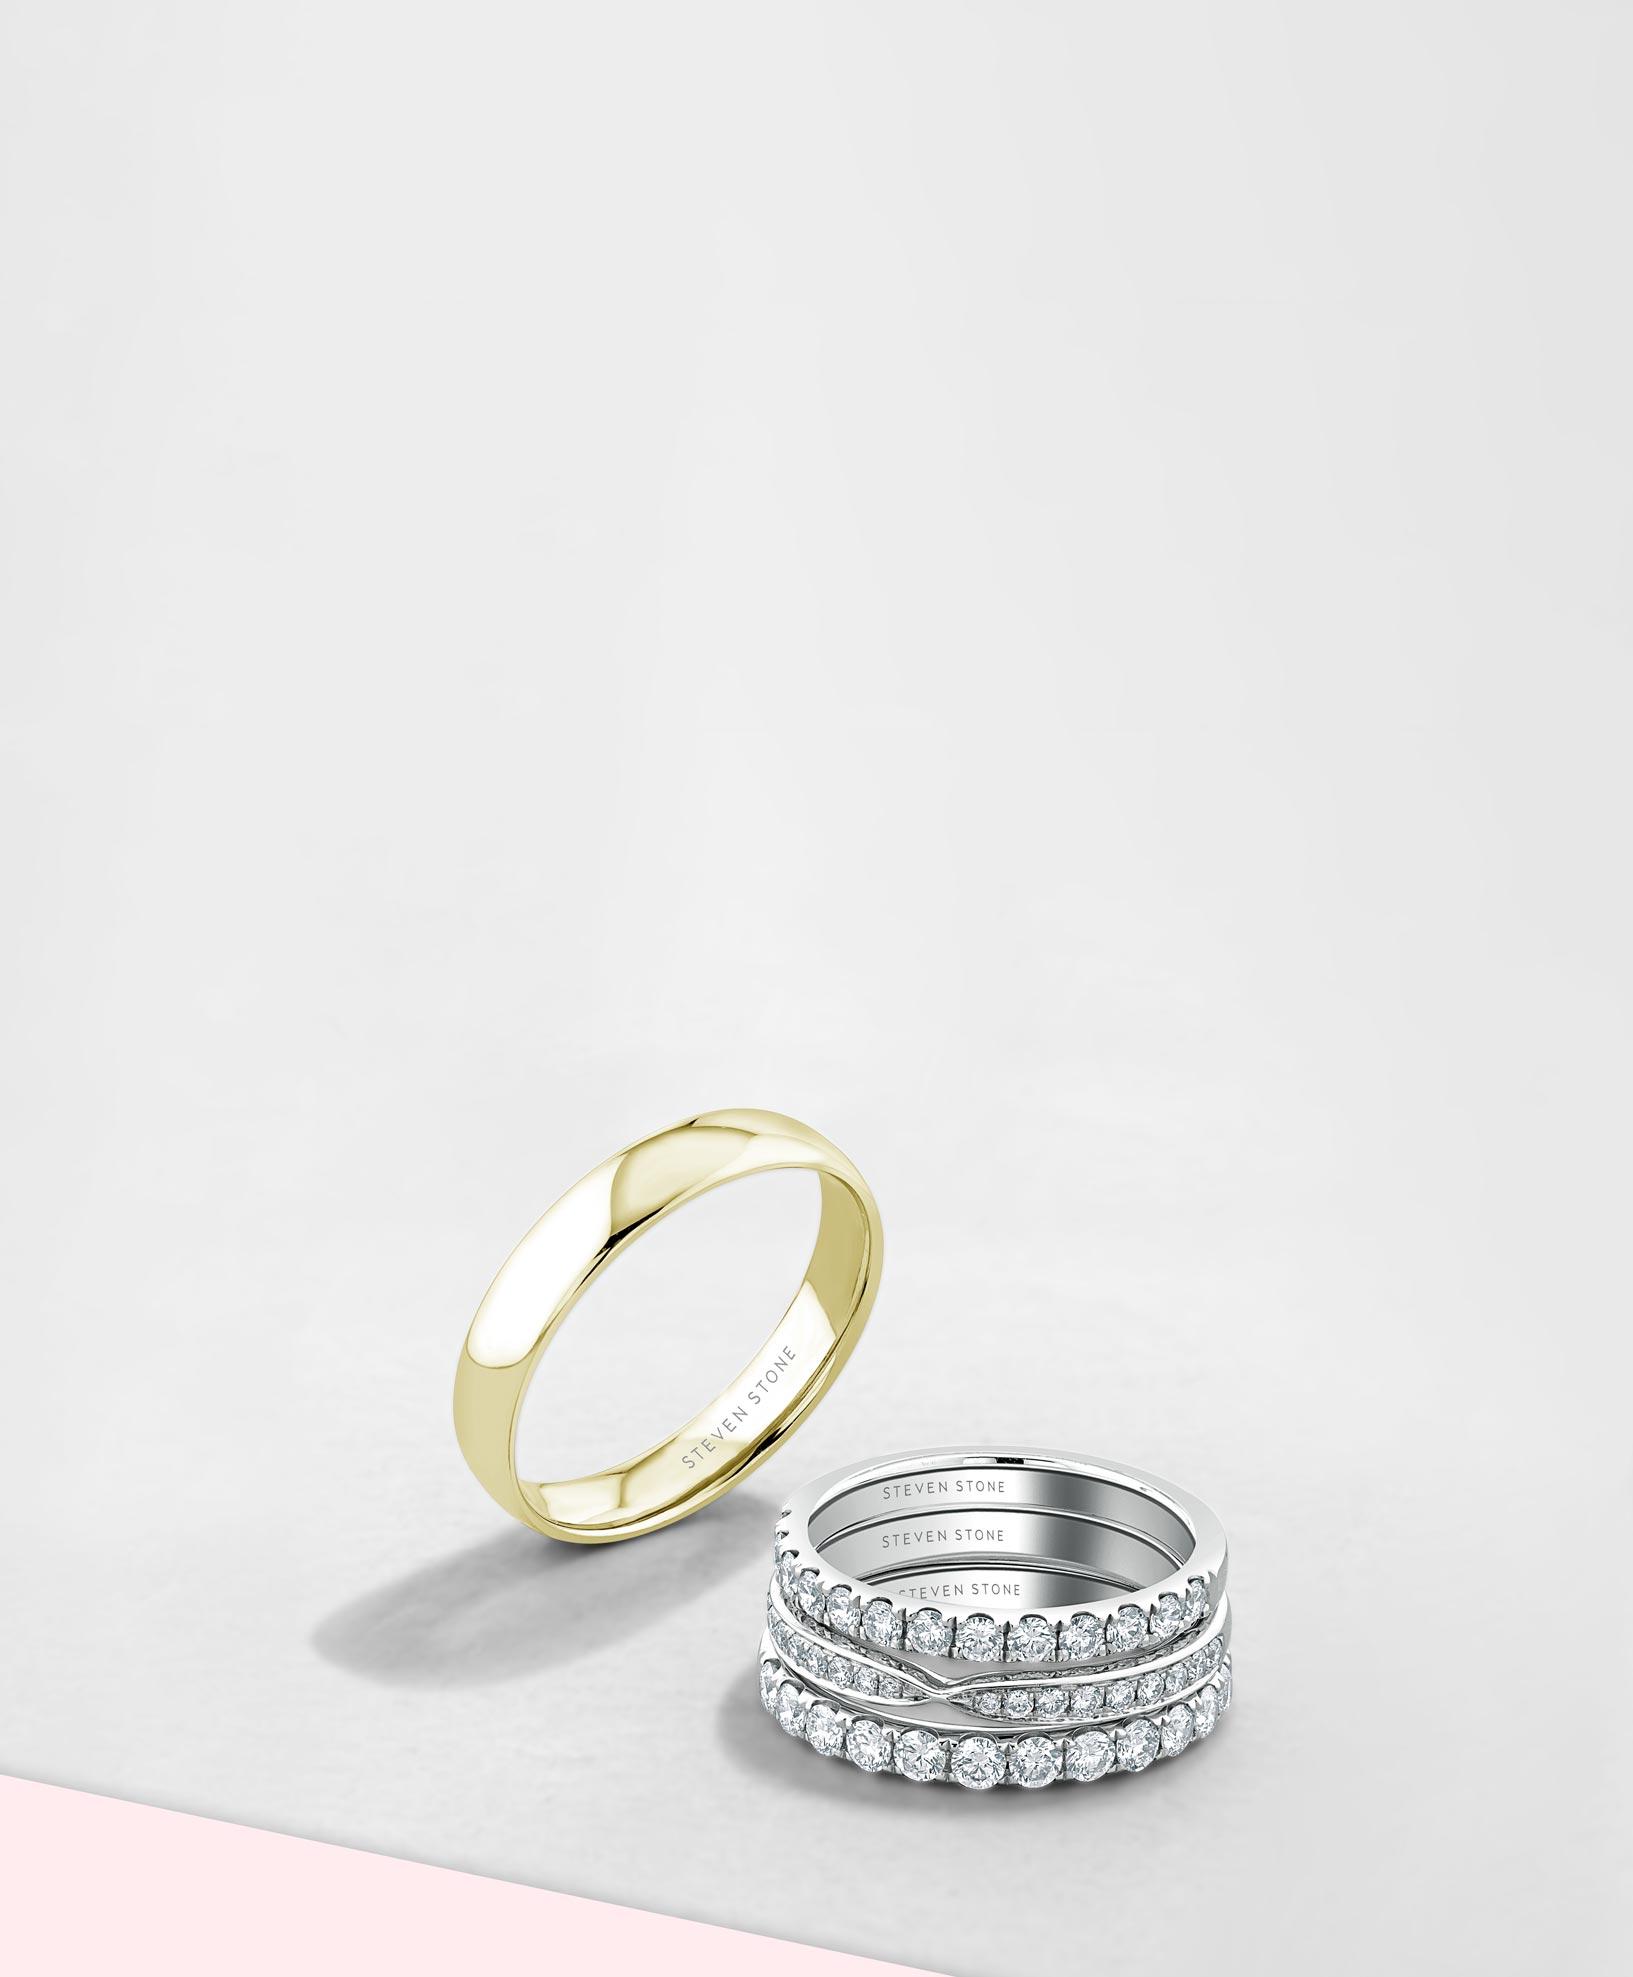 Men's Plain Wedding Rings - Steven Stone